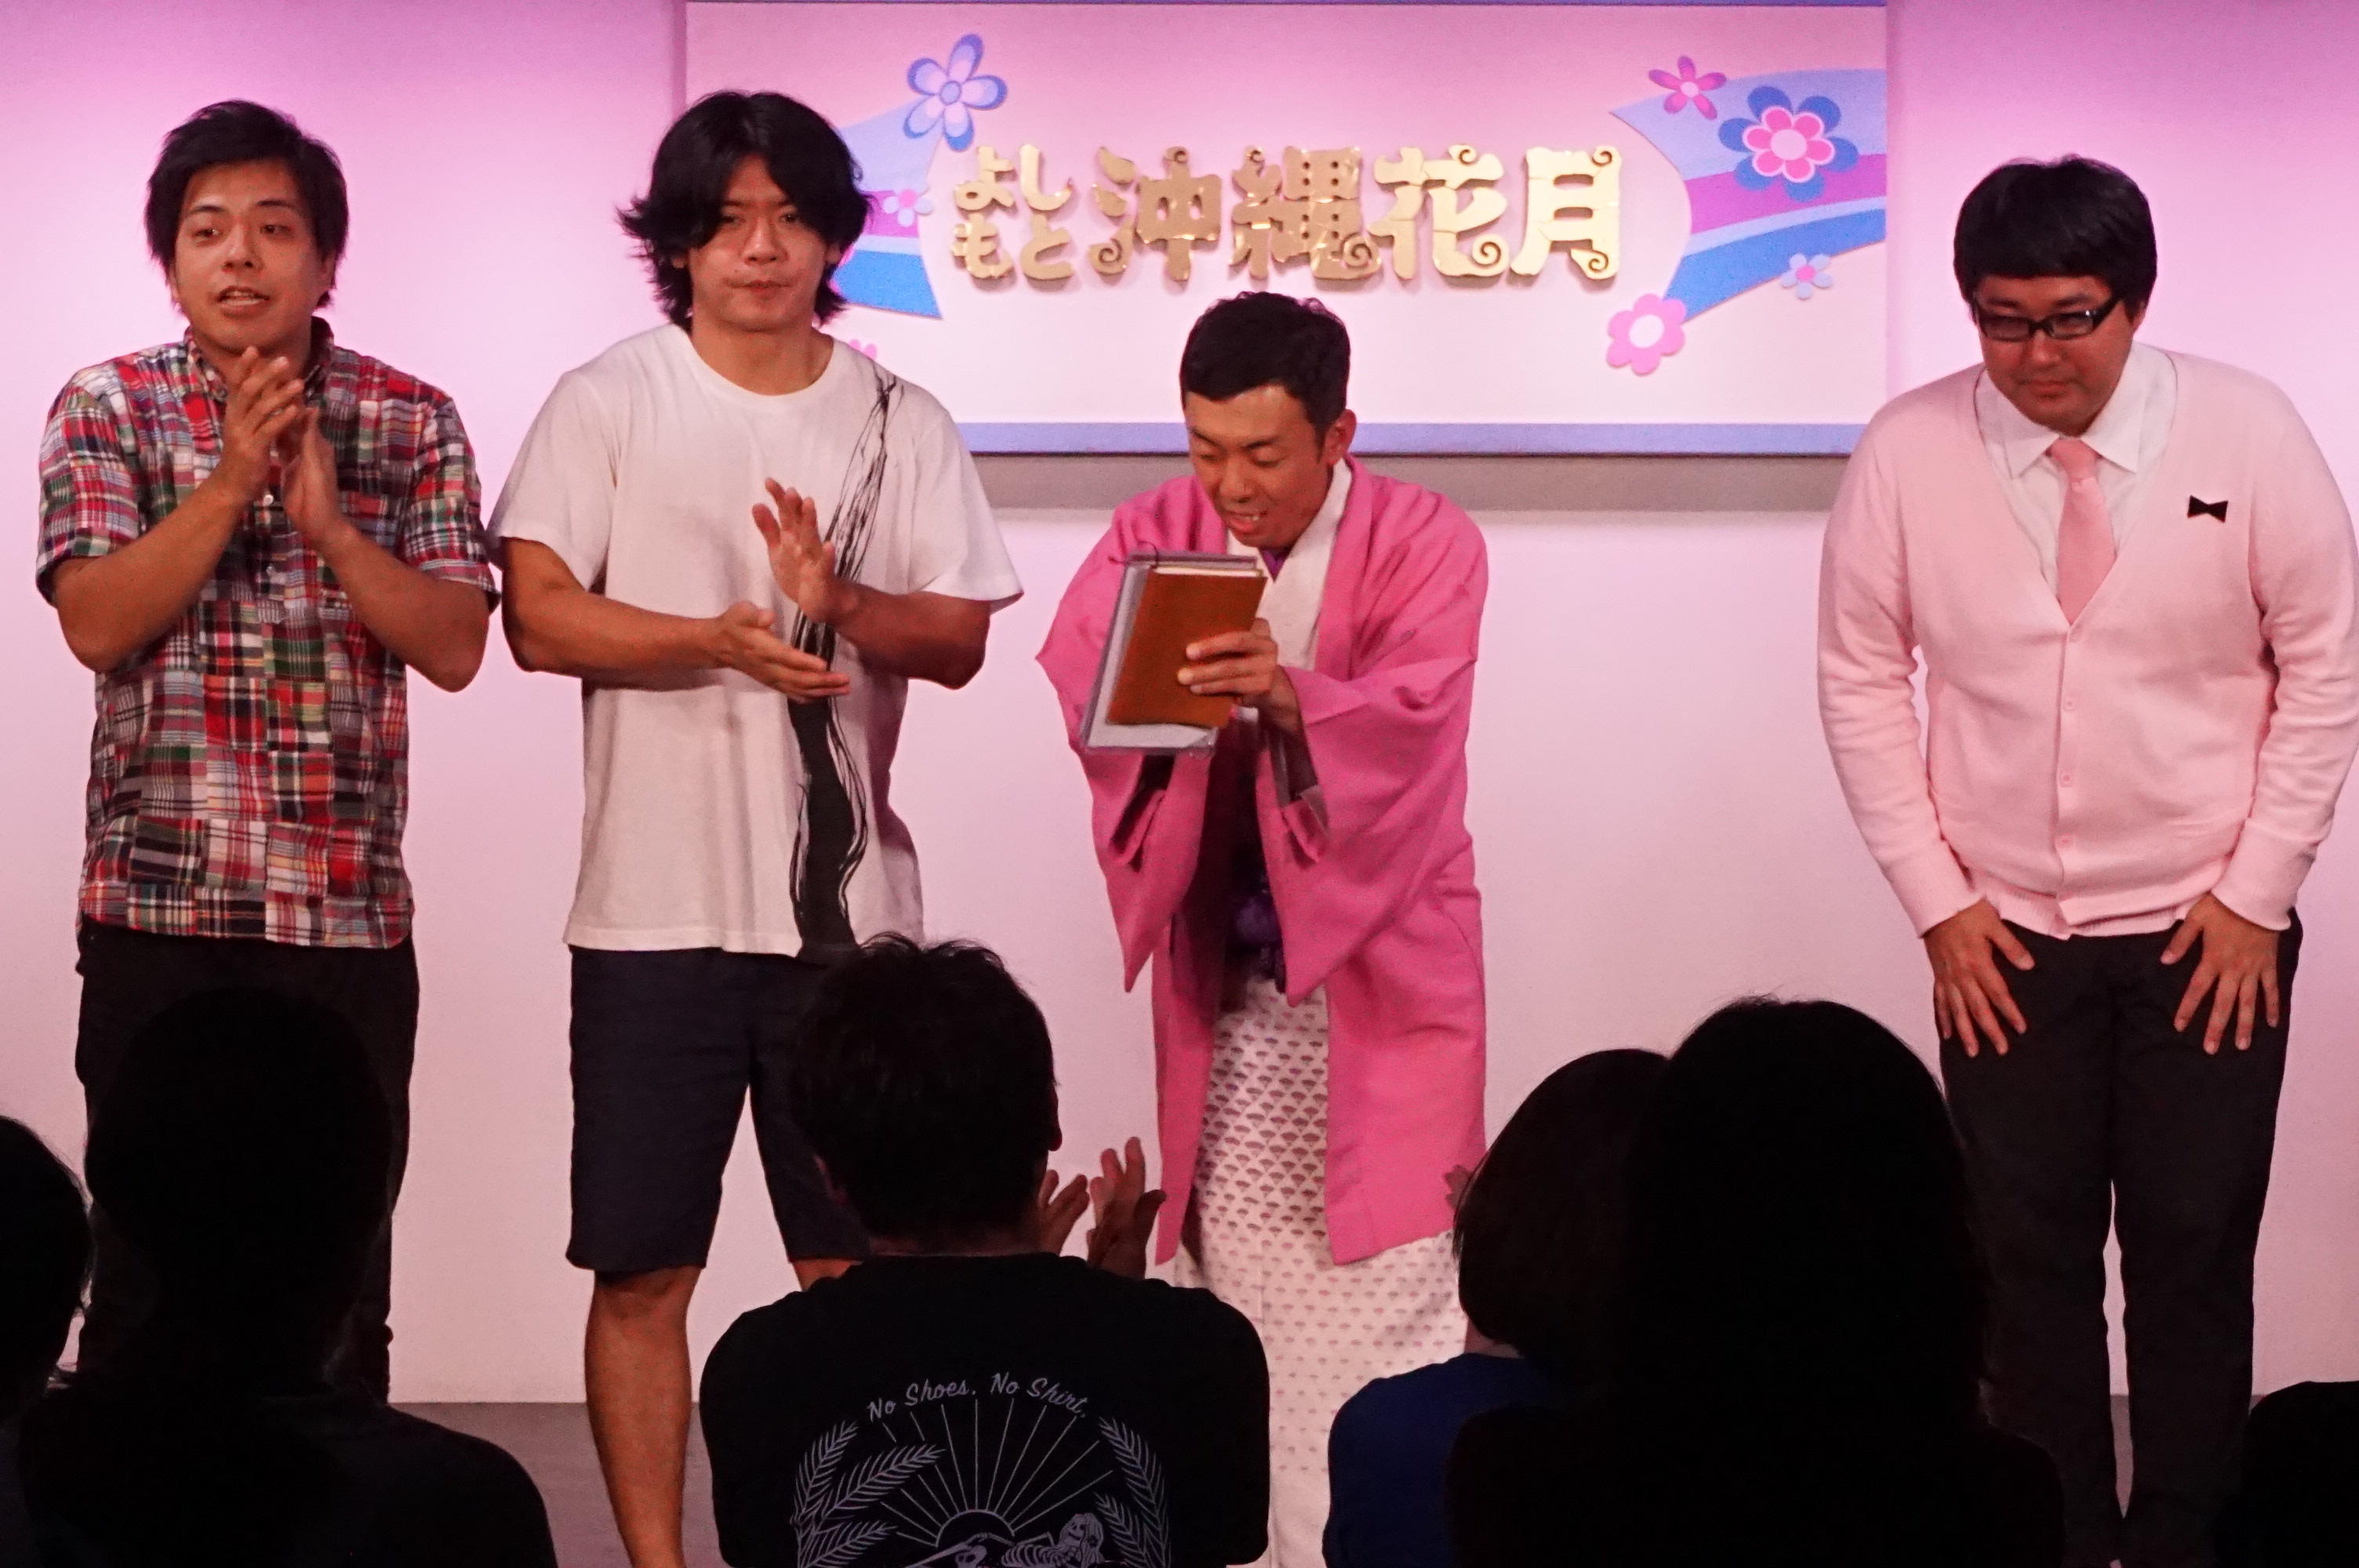 http://news.yoshimoto.co.jp/20180824202313-7850285be0fdd591533fb84d3d266dfad327d433.jpg